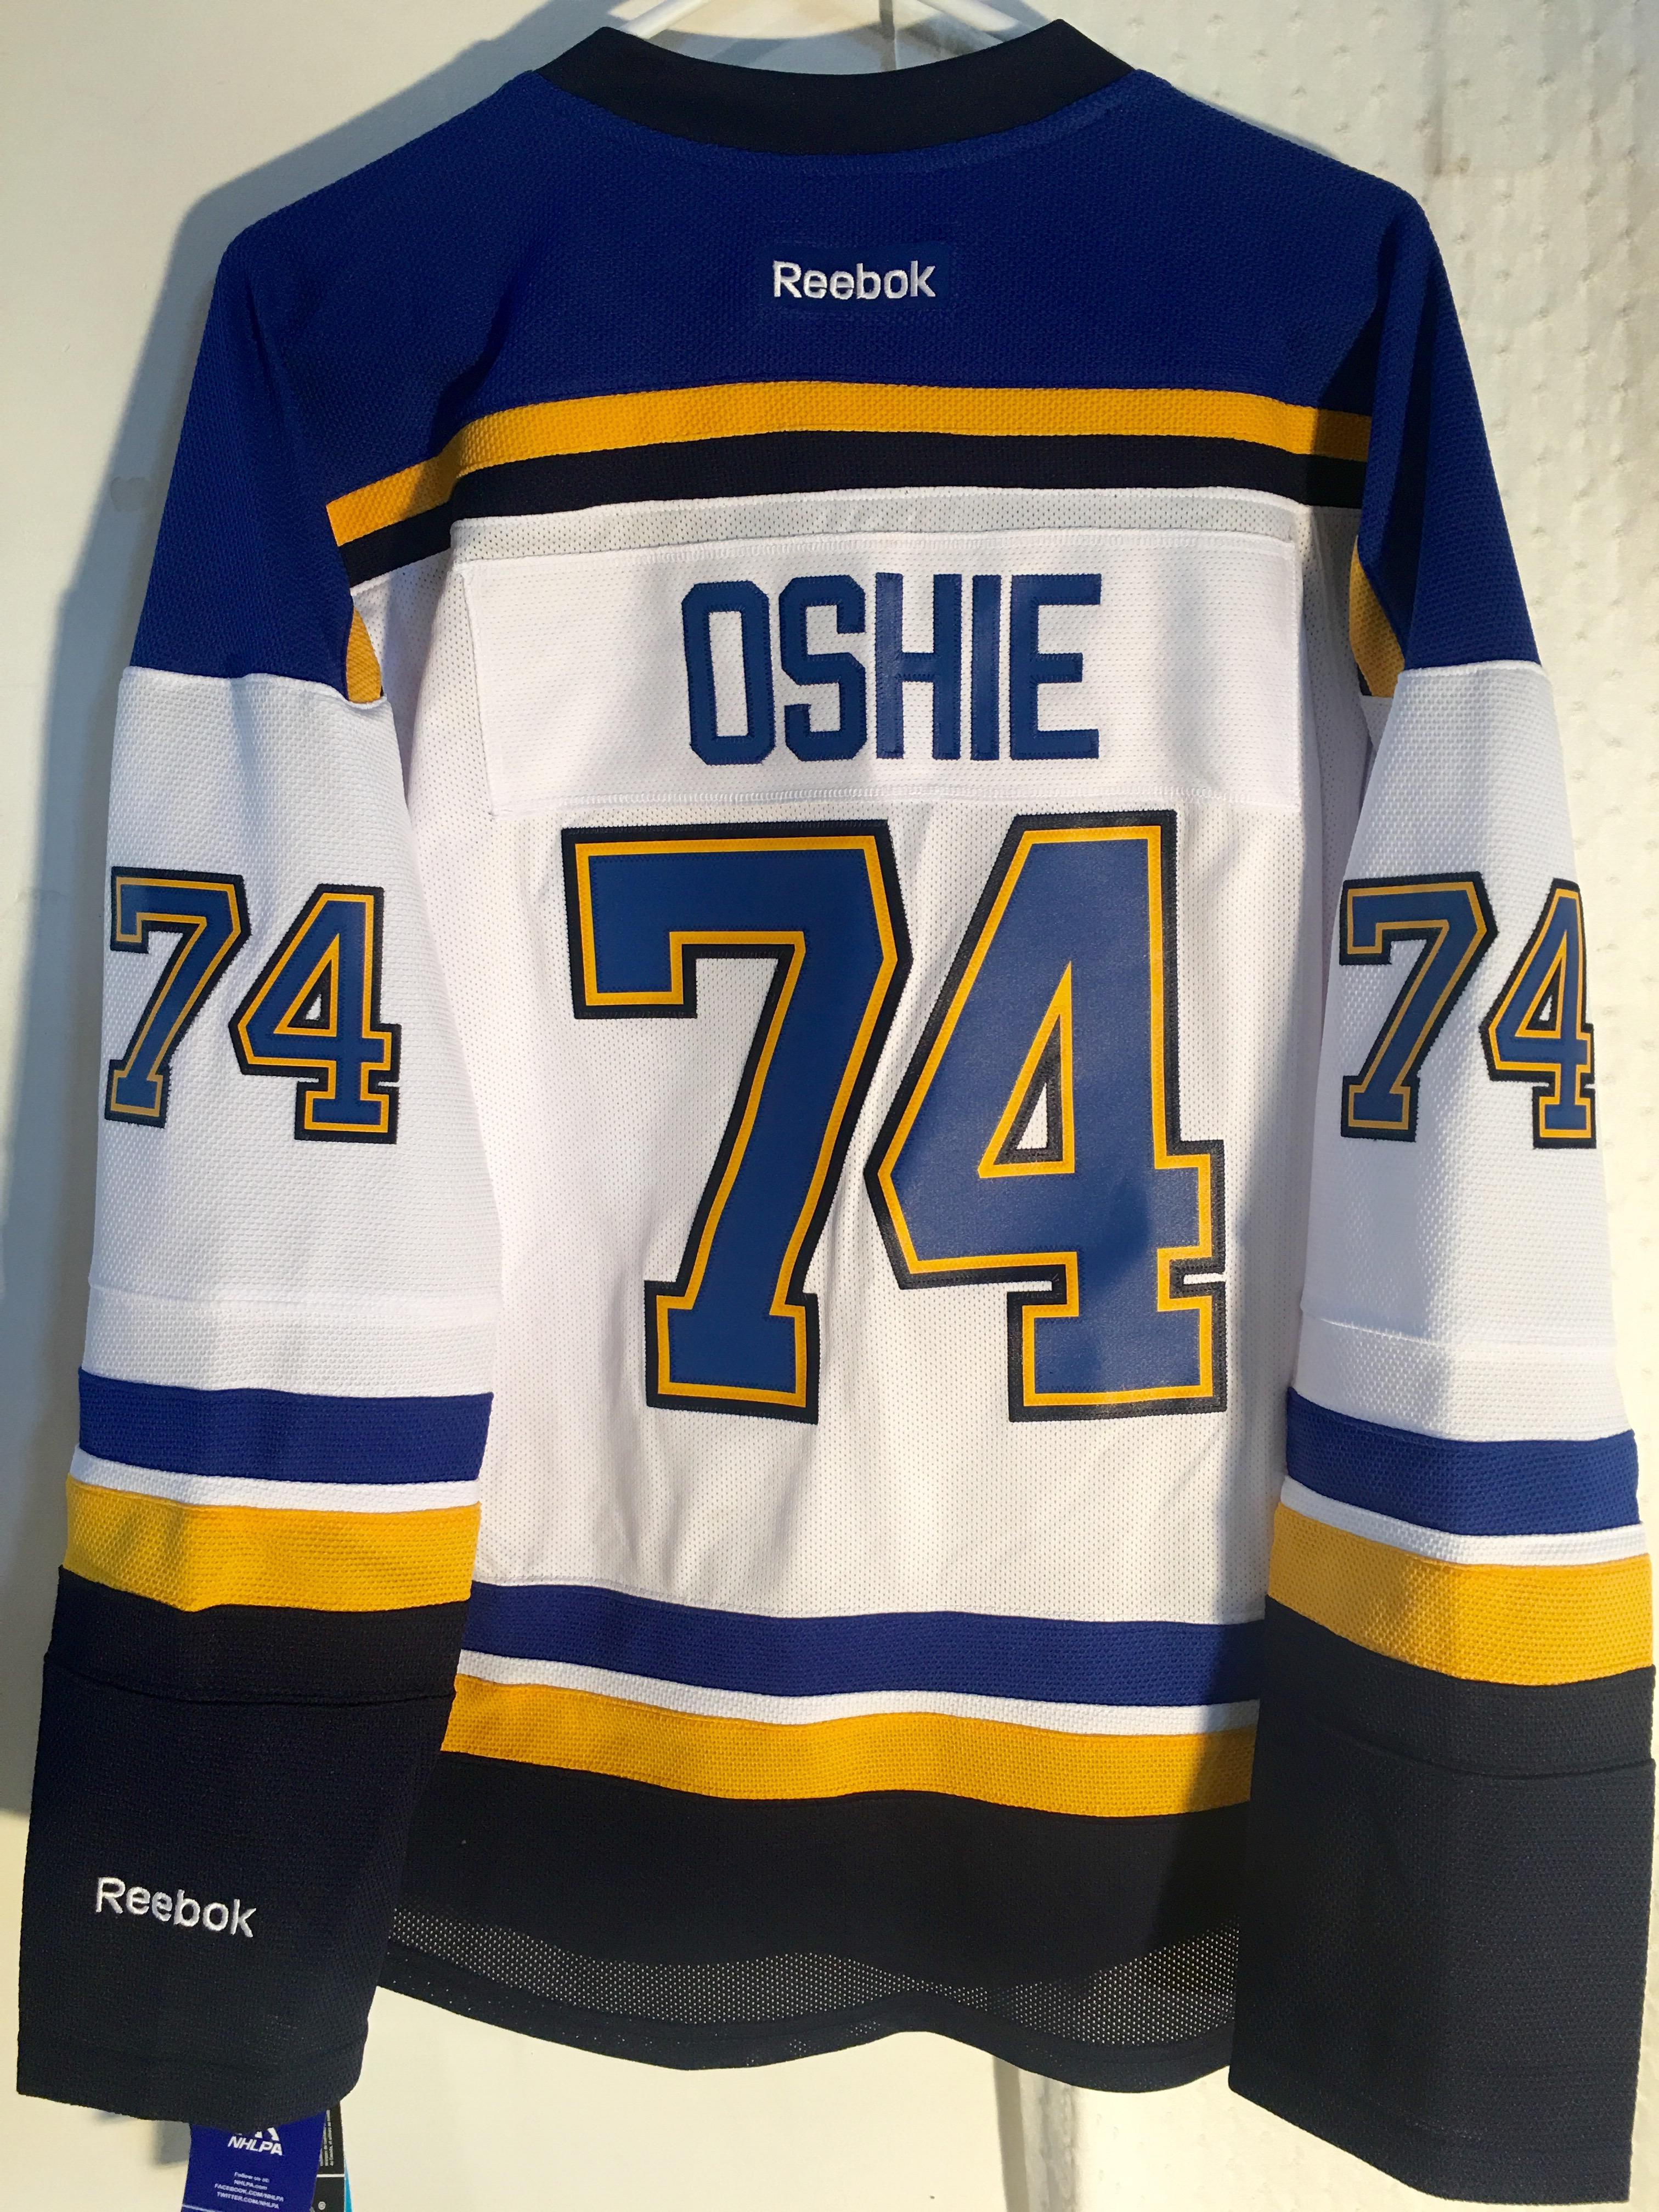 best service 4945f 2c07b Reebok Women's Premier NHL Jersey St. Louis Blues T.J. Oshie ...